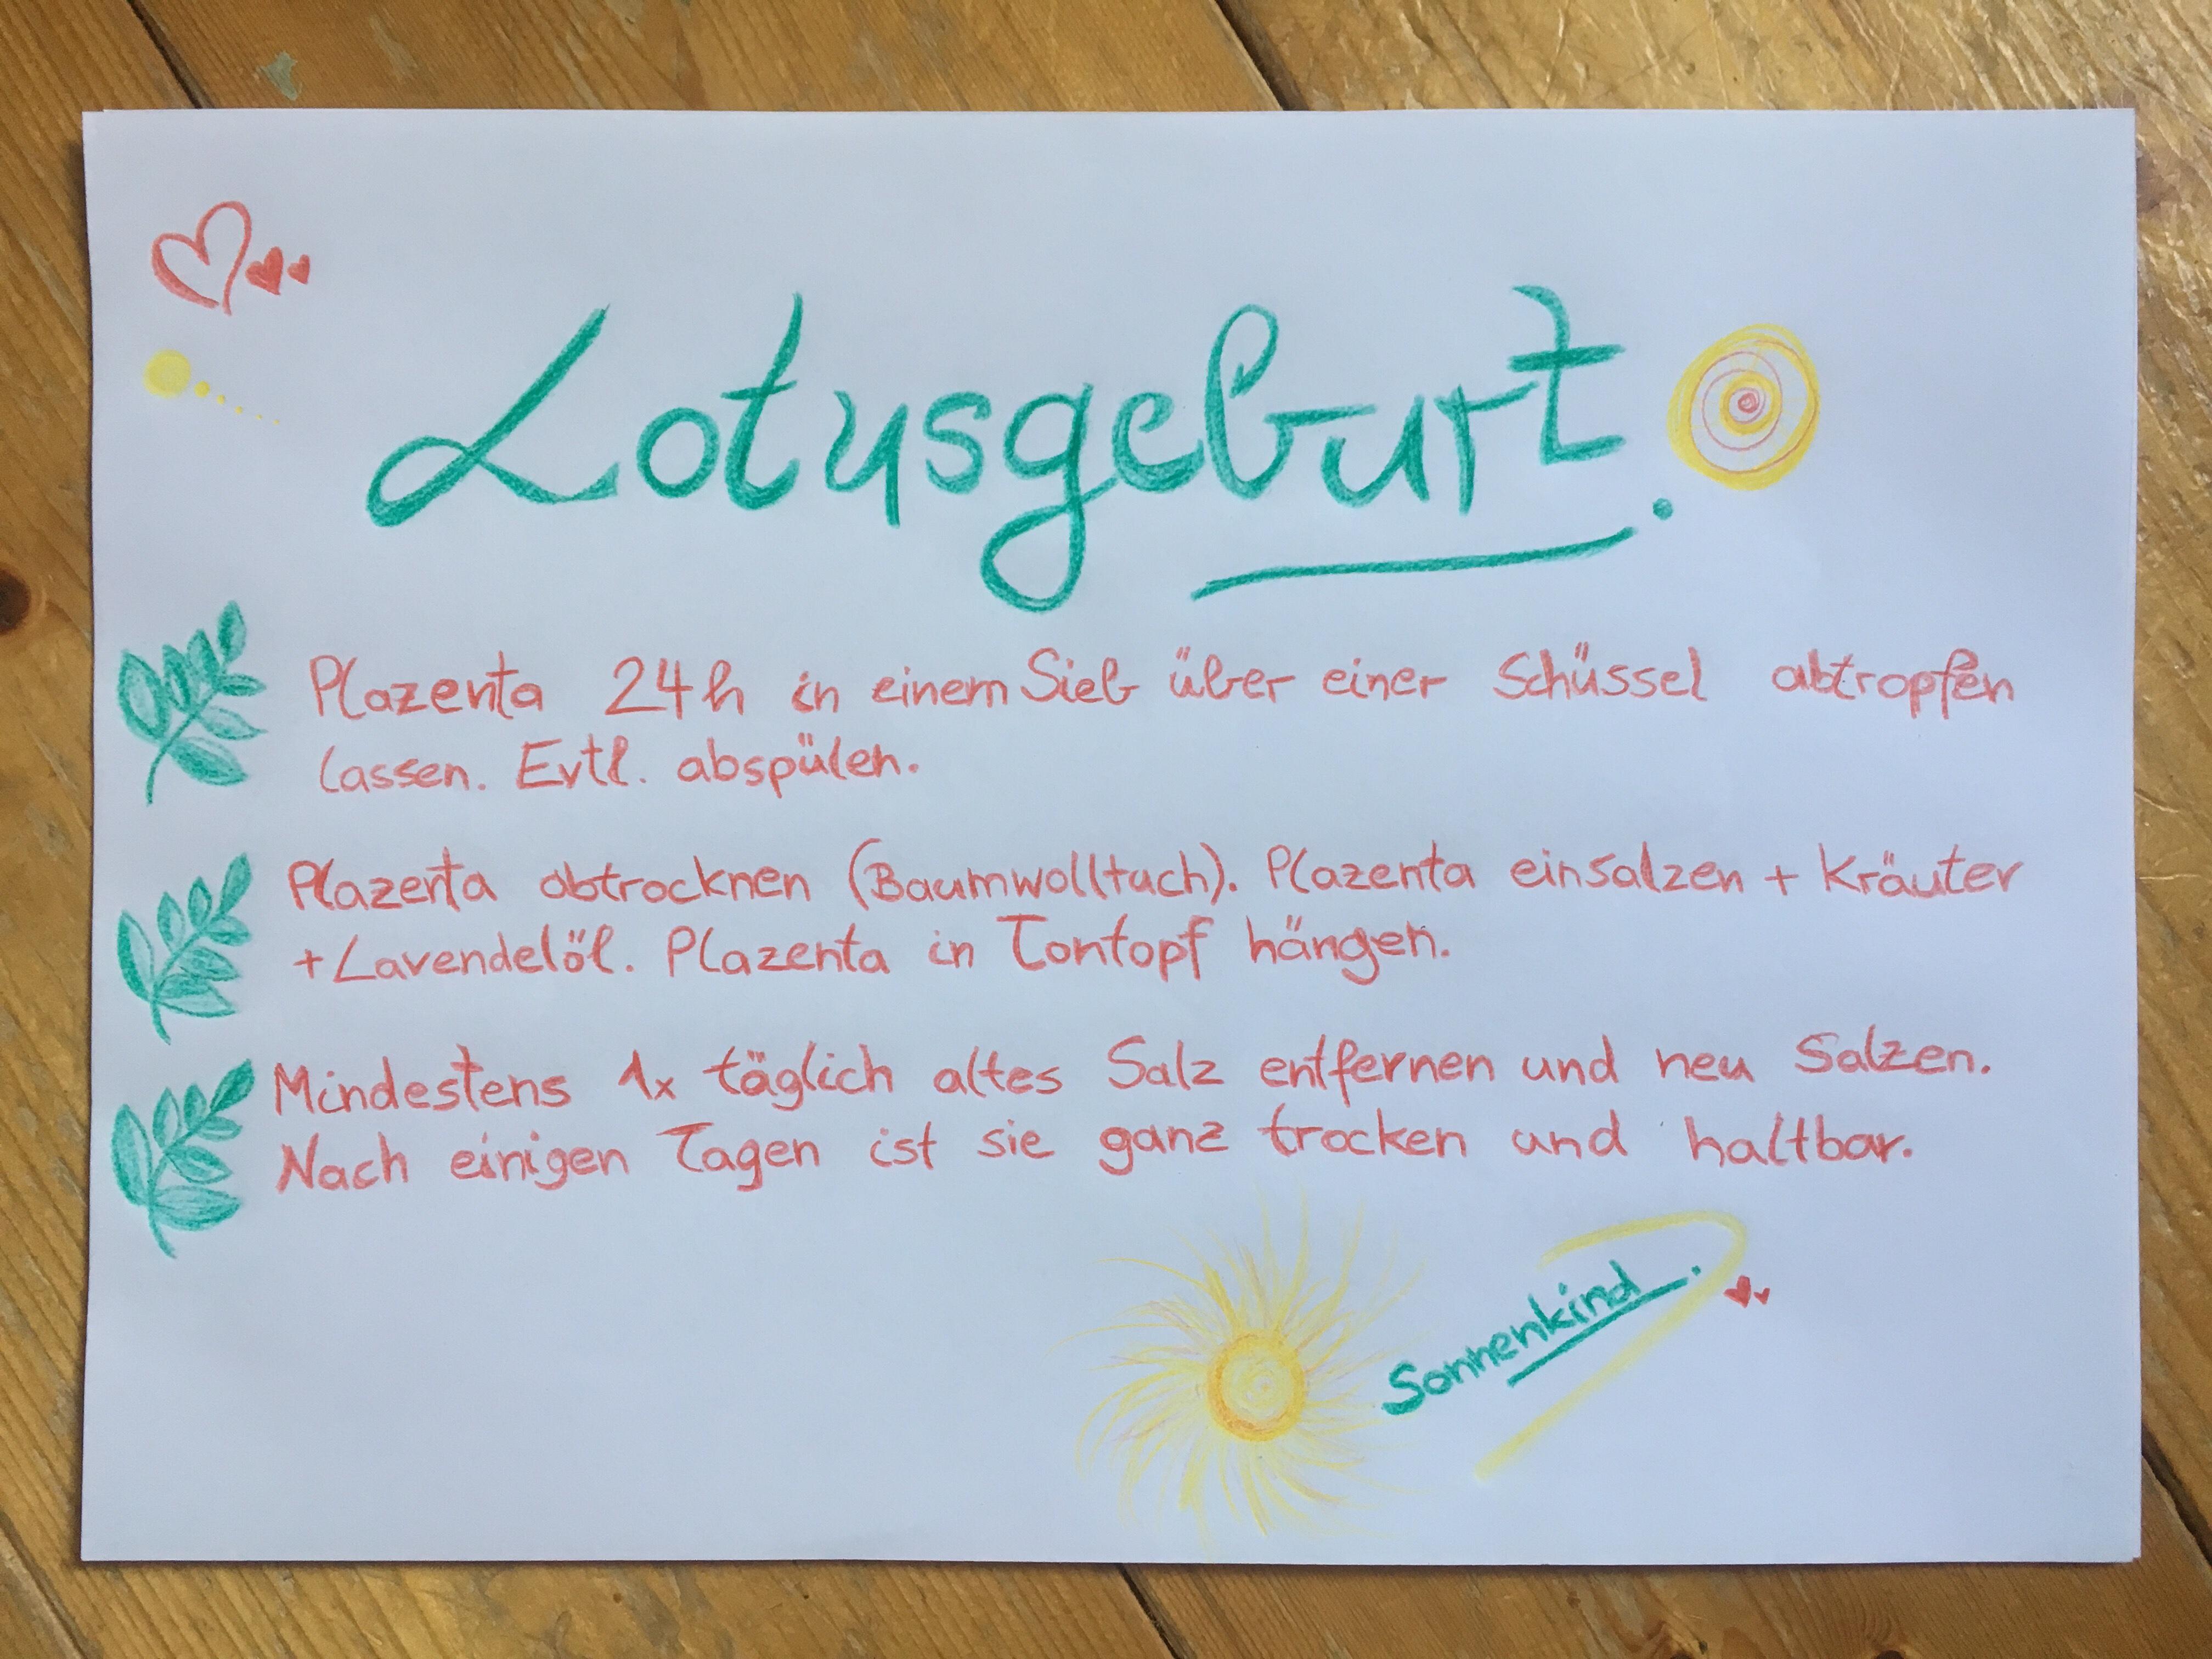 Lotusgeburt, lotusbirth, Erfahrungsbericht, Erfahrungen, Sonnenkind, Geburt, natürlich gebären, selbstbestimmte Geburt, greenlygreen, greenlygreeen